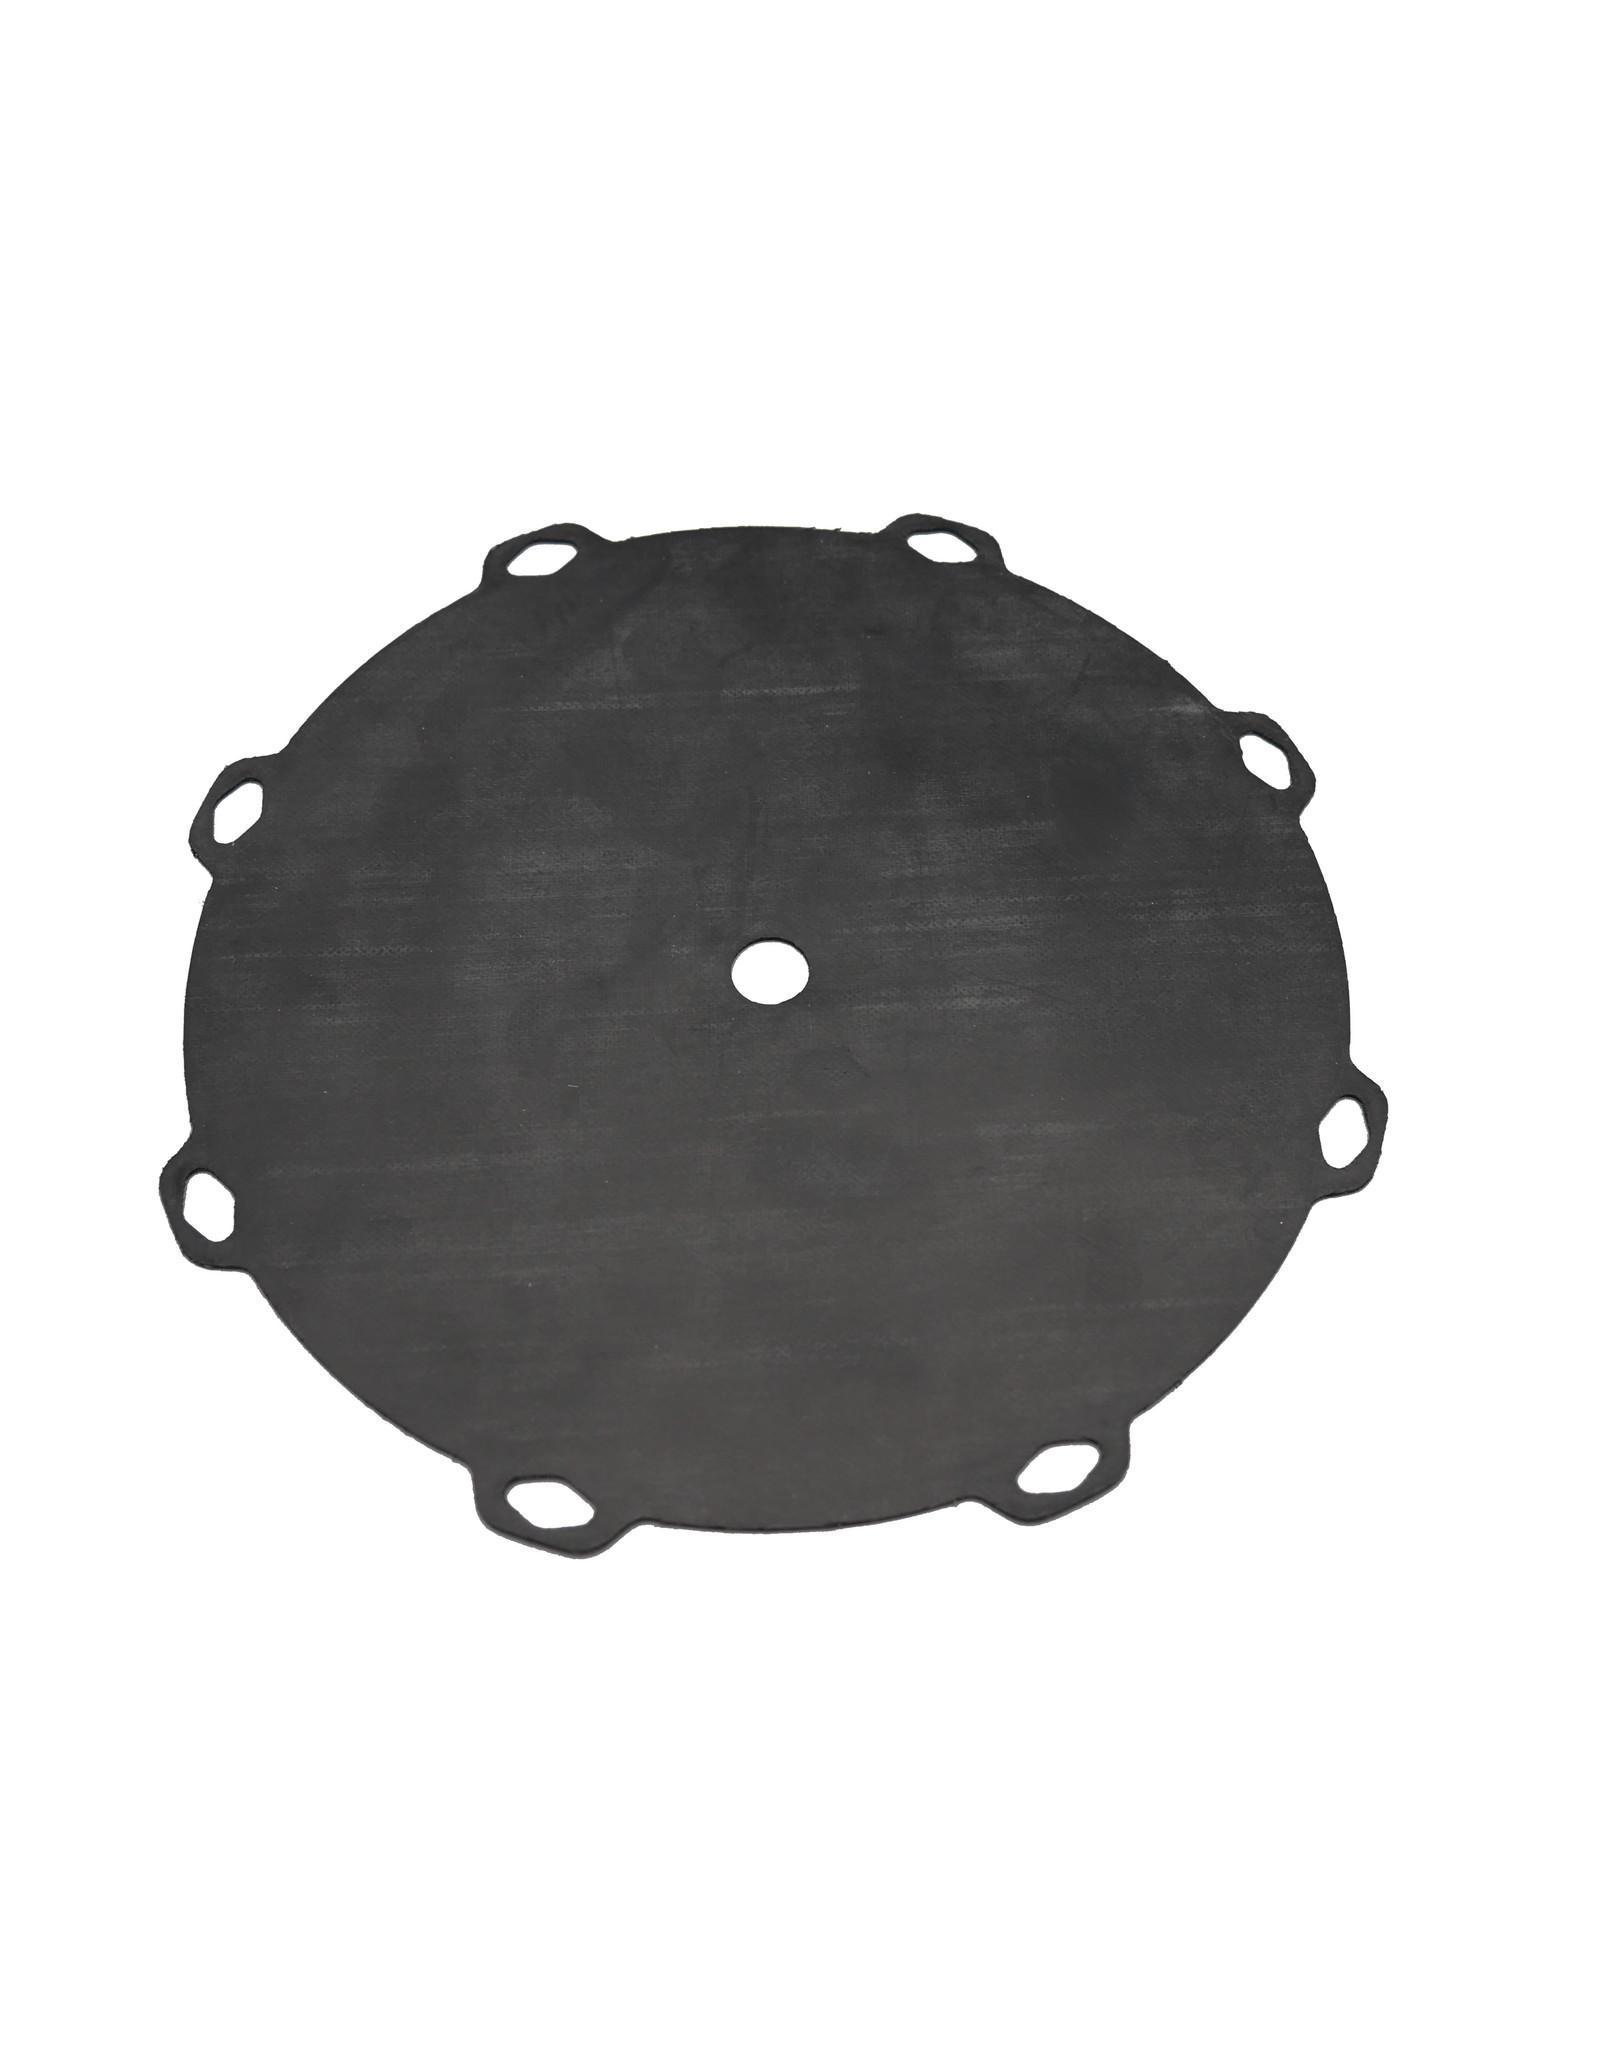 Clutch Diaphragm 2R000307